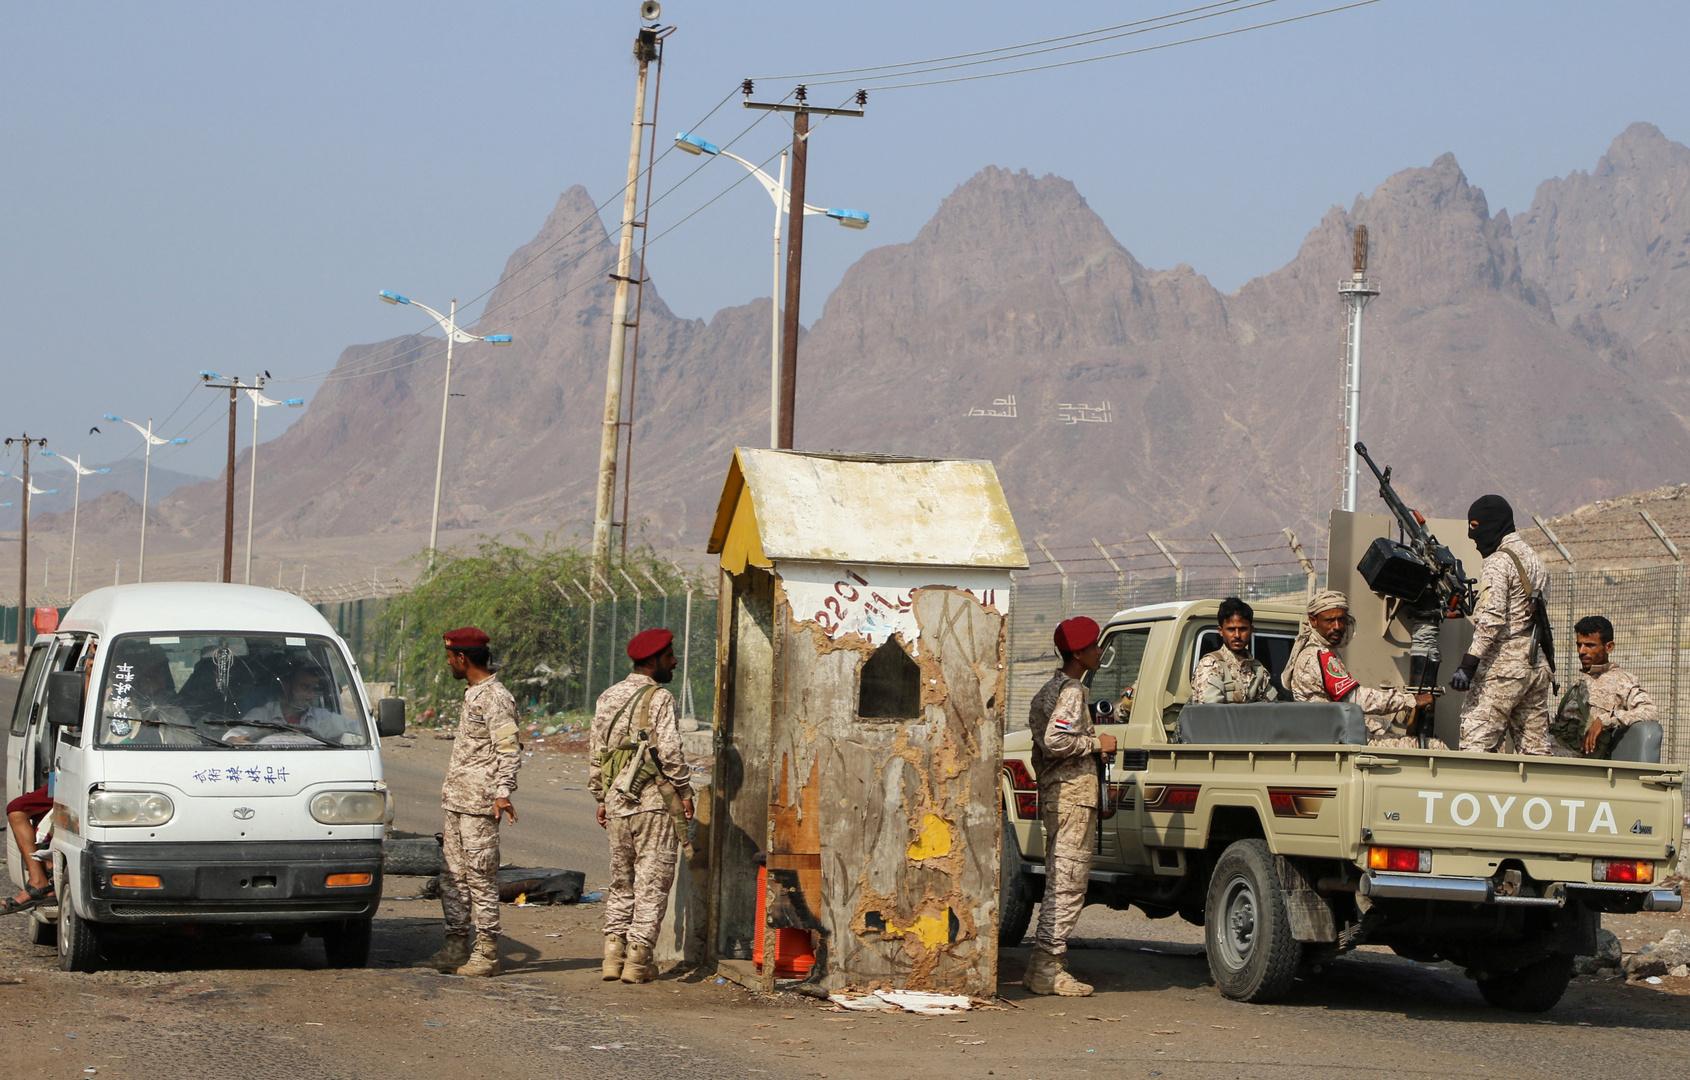 مقتل ضابط يمني بعد أن اختطفه مسلحون مجهولون في عدن